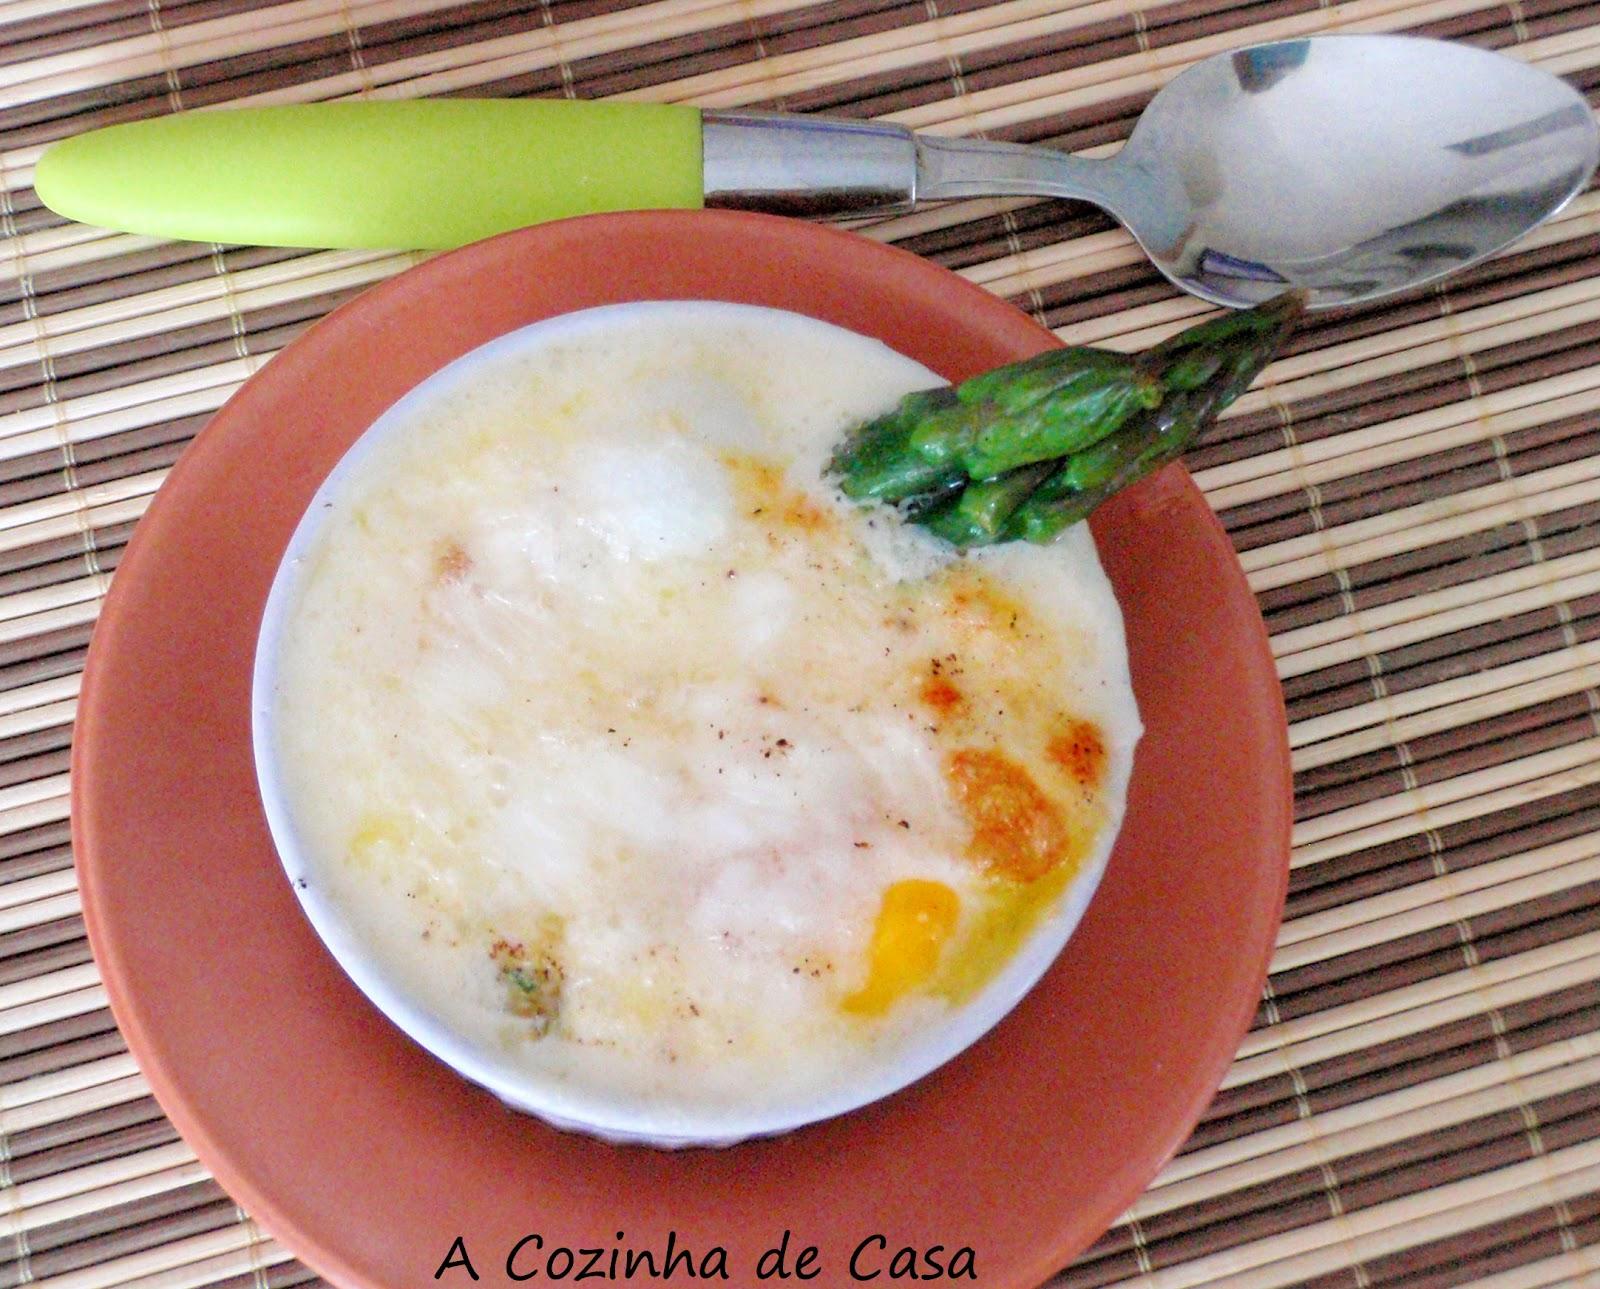 Cozinha de Casa: Ramekin de aspargos ervilha torta ovos e cottage #995932 1600 1289